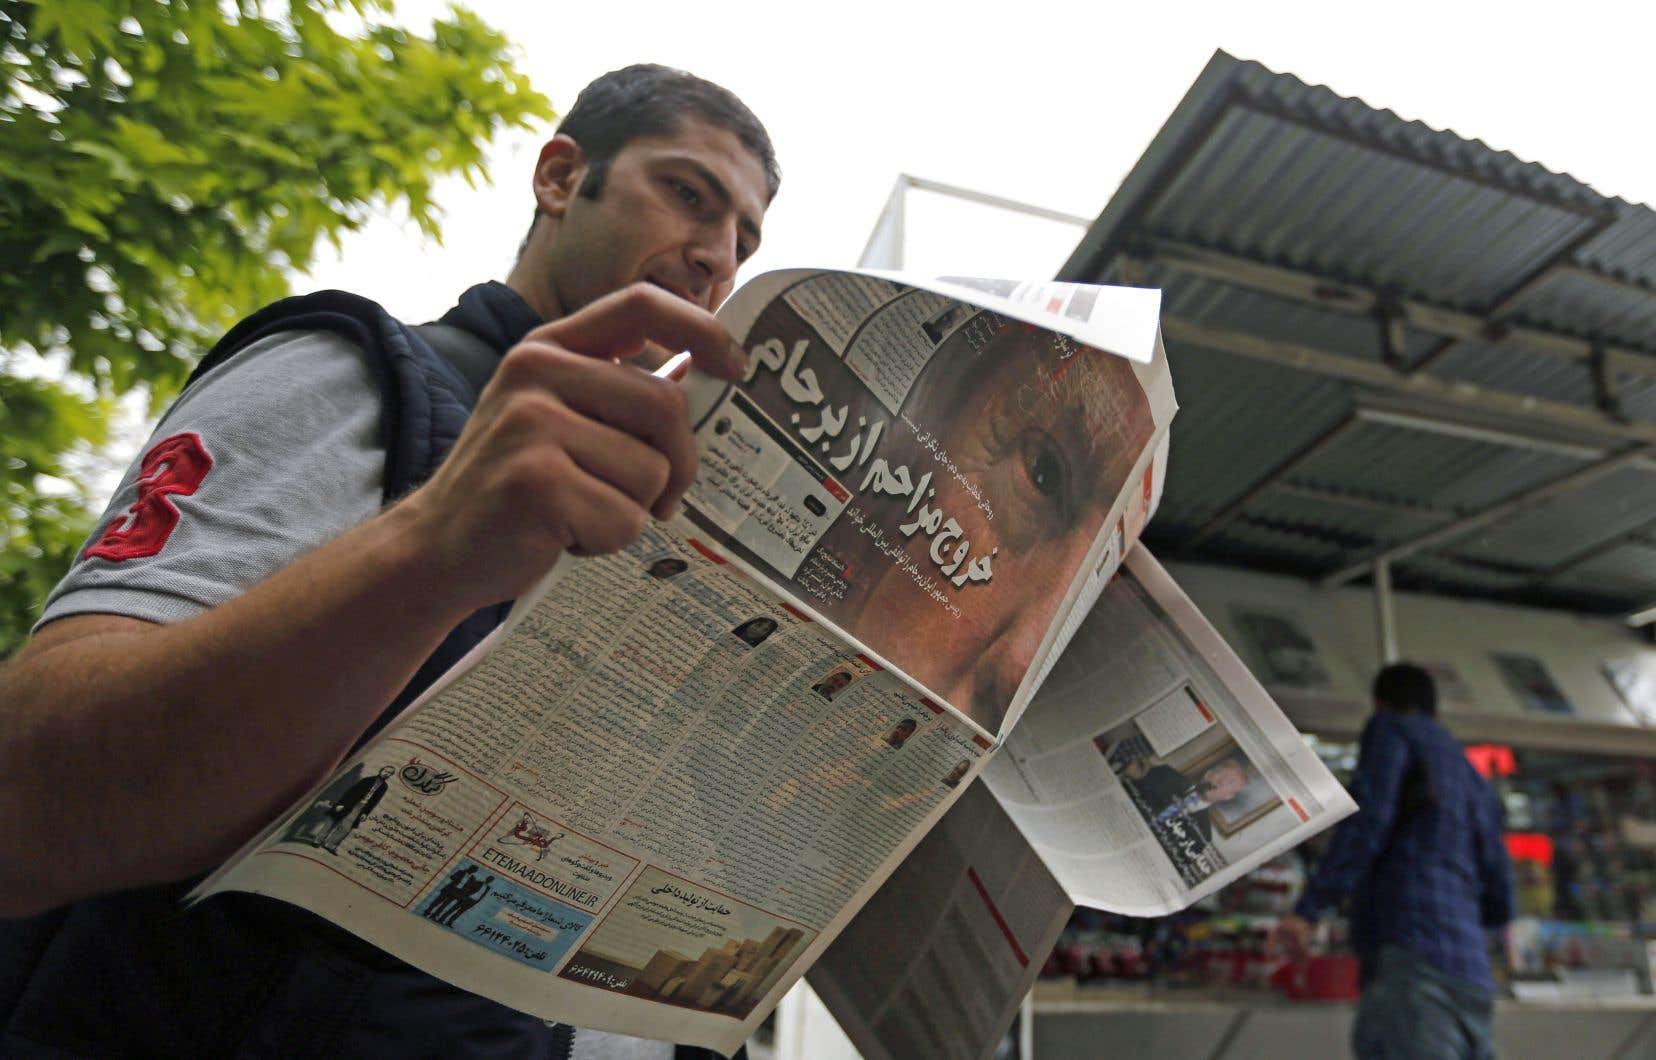 Un Iranien consulte un journal qui relate le discours du président Trump, mercredi à Téhéran.